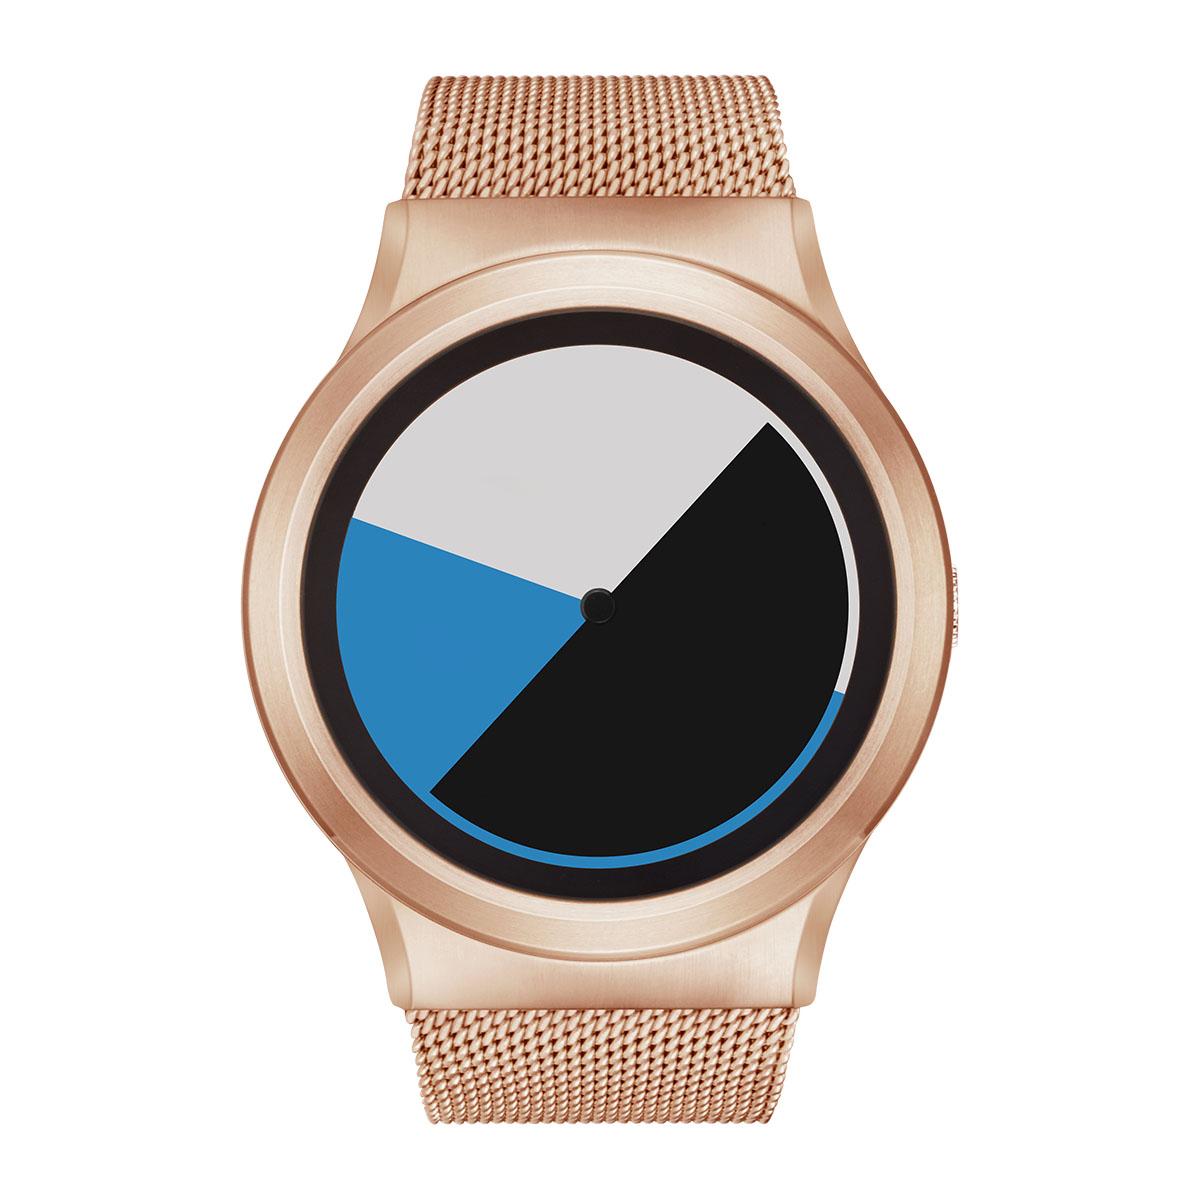 ZEROO COLORED TIME ゼロ 電池式クォーツ 腕時計 [W01002B05SM05] ブルー デザインウォッチ ペア用 メンズ レディース ユニセックス おしゃれ時計 デザイナーズ